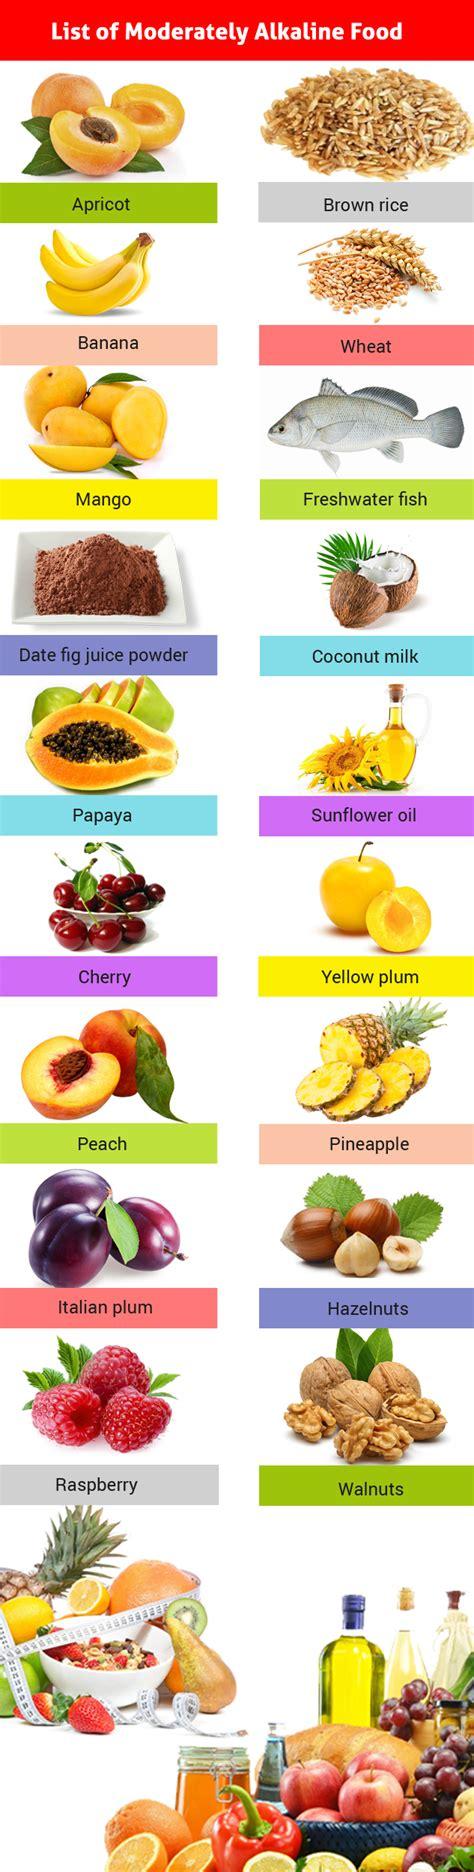 best alkaline food alkaline food recipes food